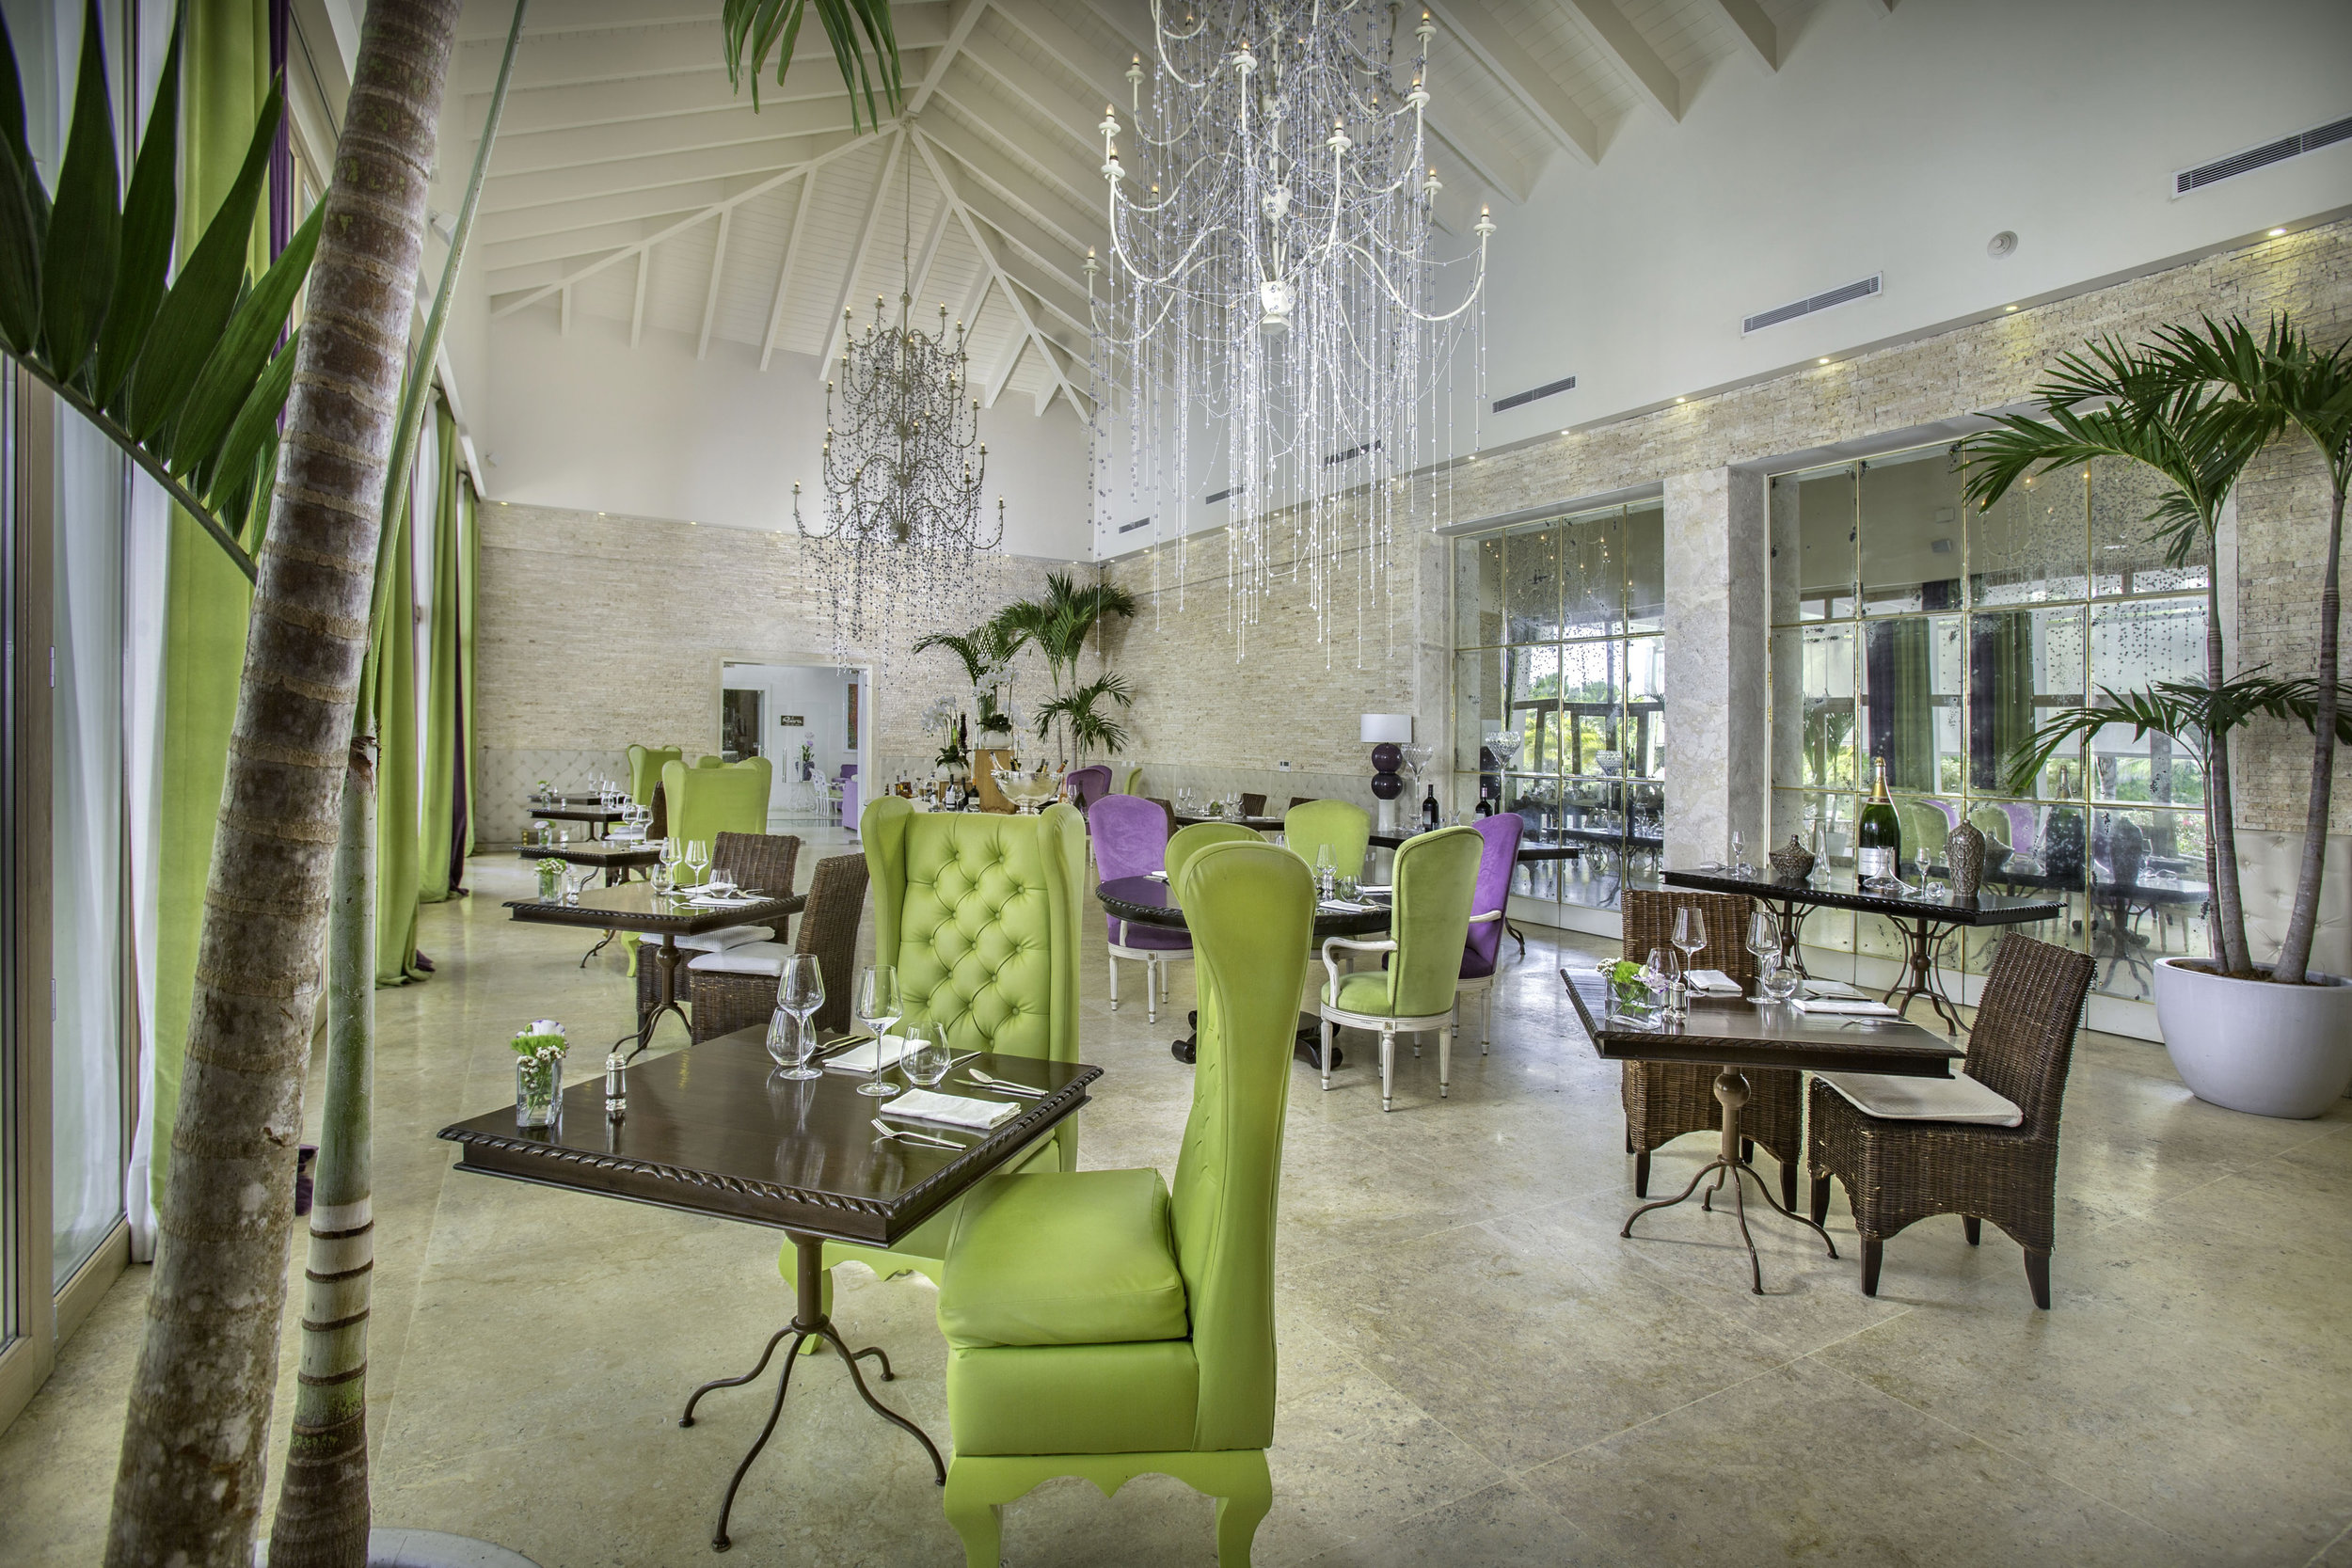 Mediterraneo Restaurant_Interior_1545.jpg